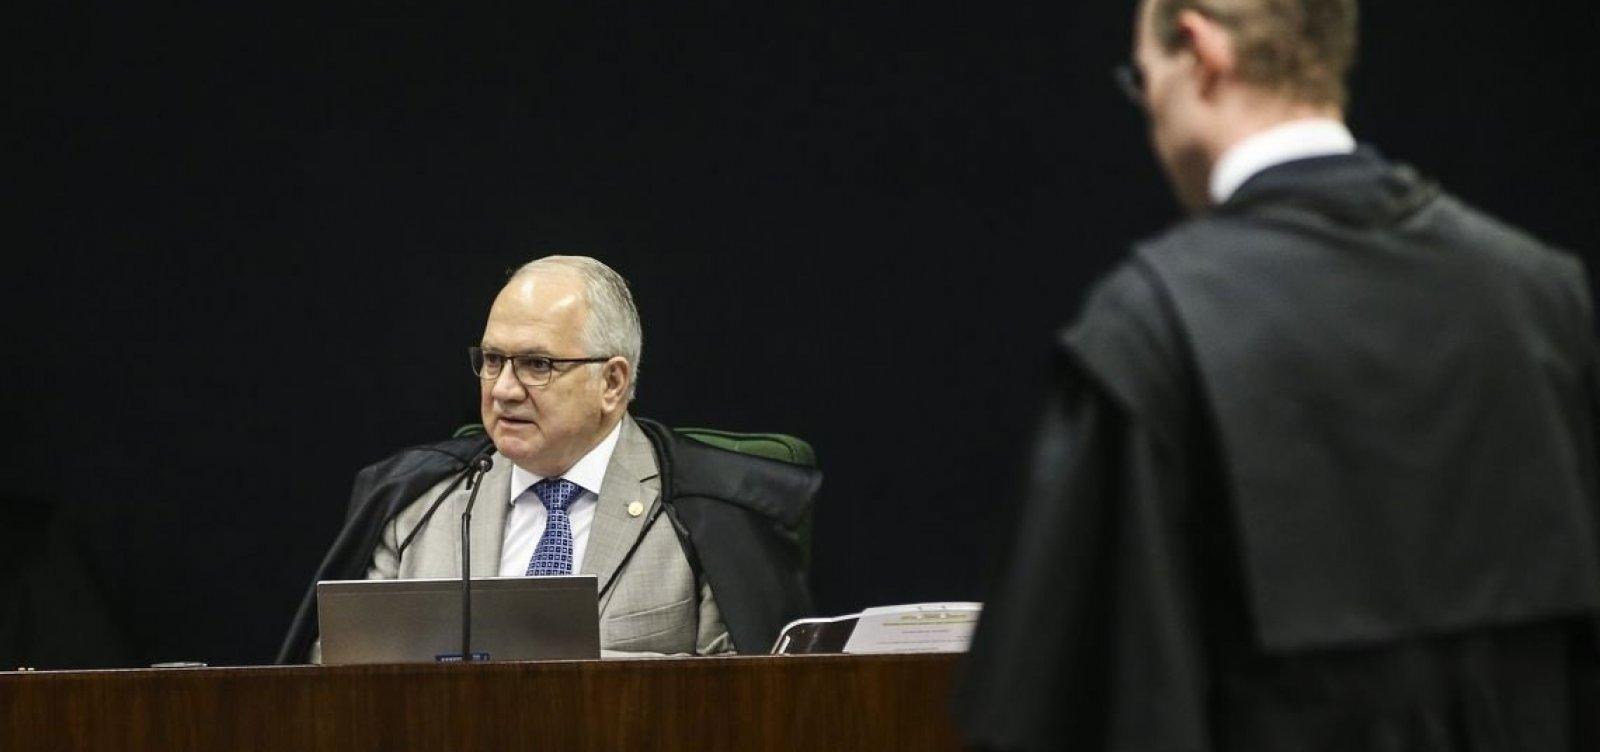 Fachin atende a pedido da defesa de Lula, e julgamento de recurso será presencial